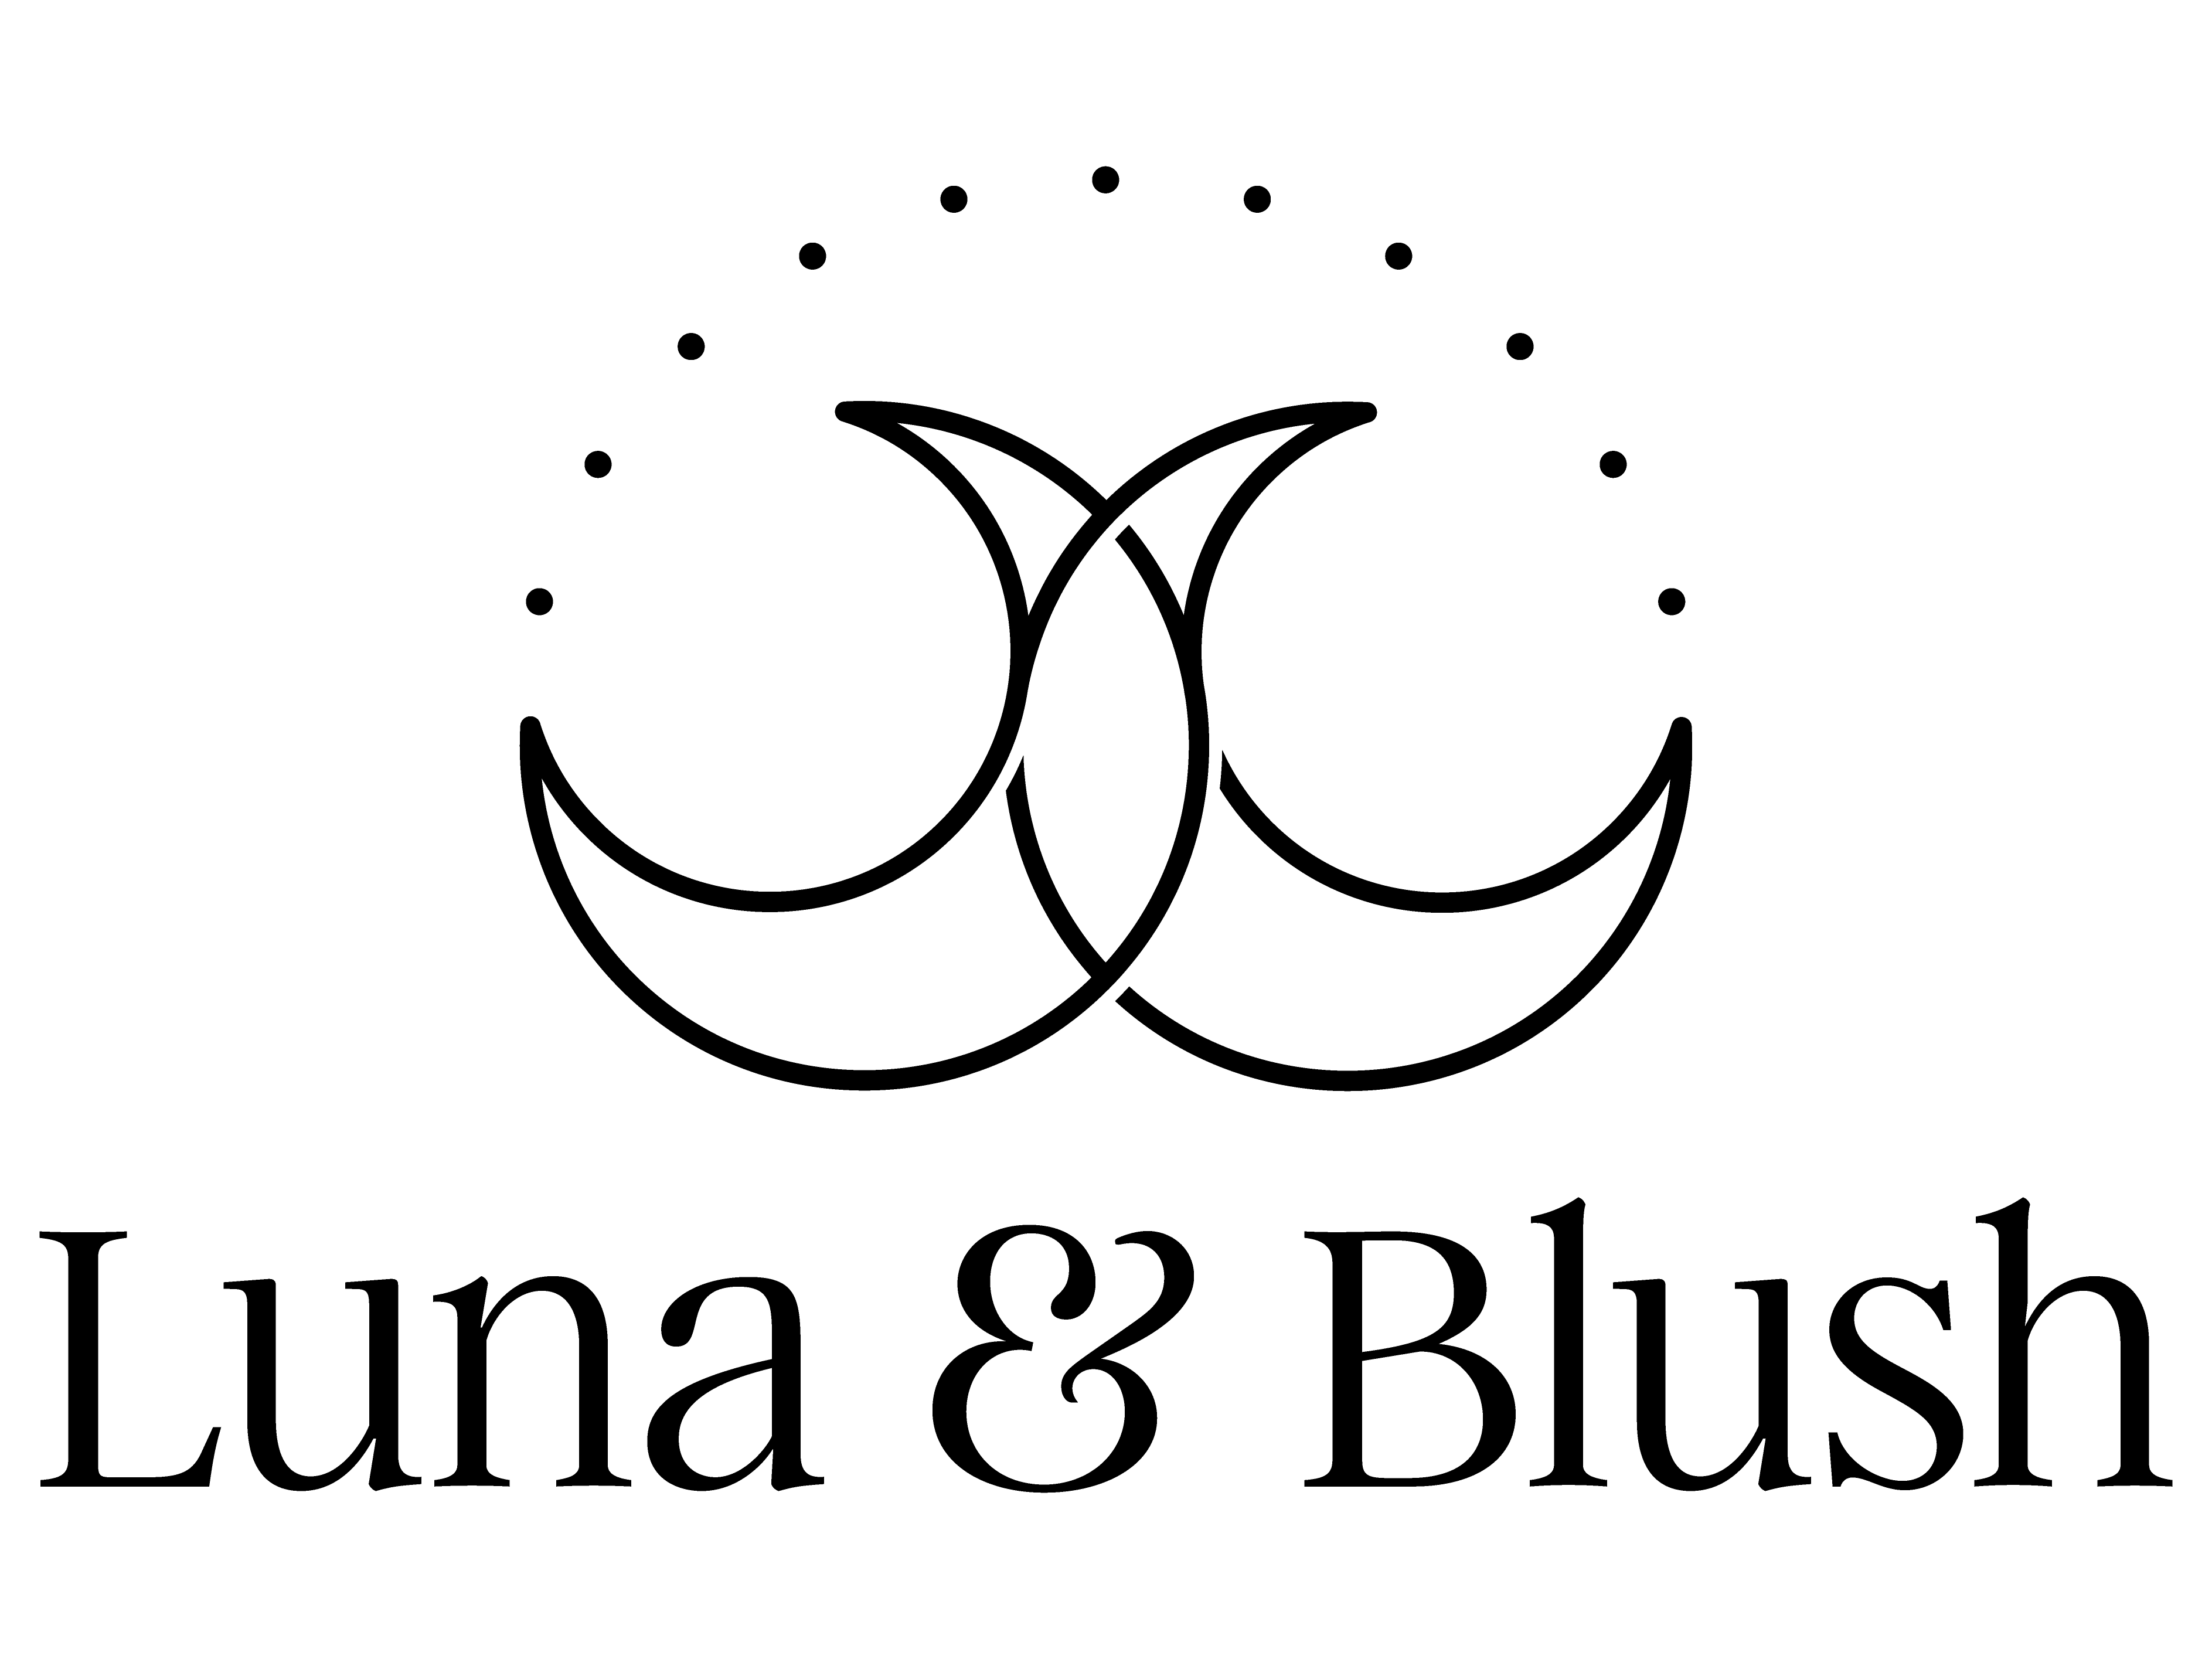 Luna   blush logo final black